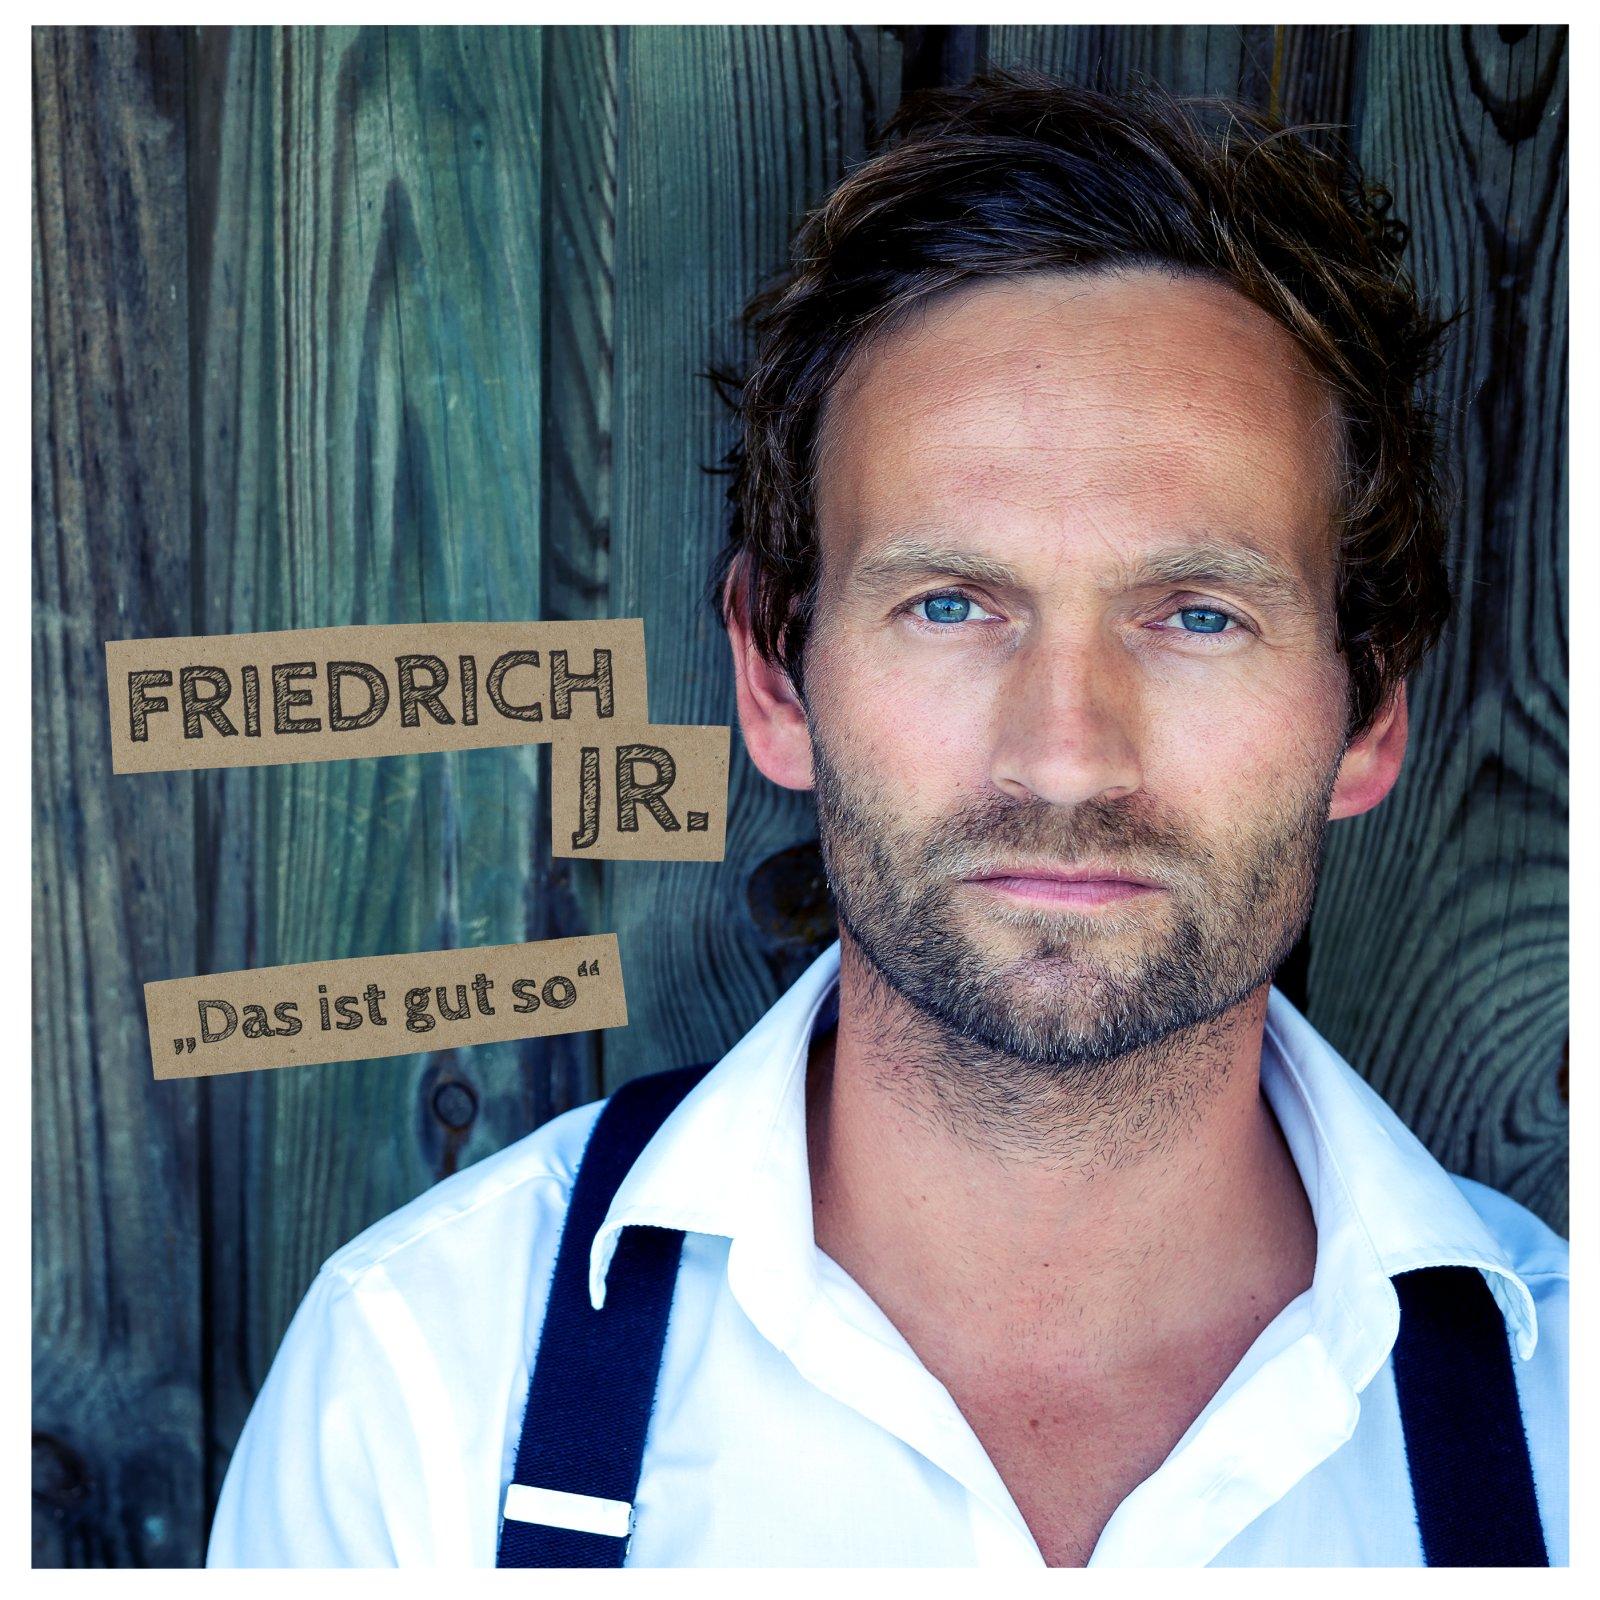 Friedrich Jr. - Das ist gut so